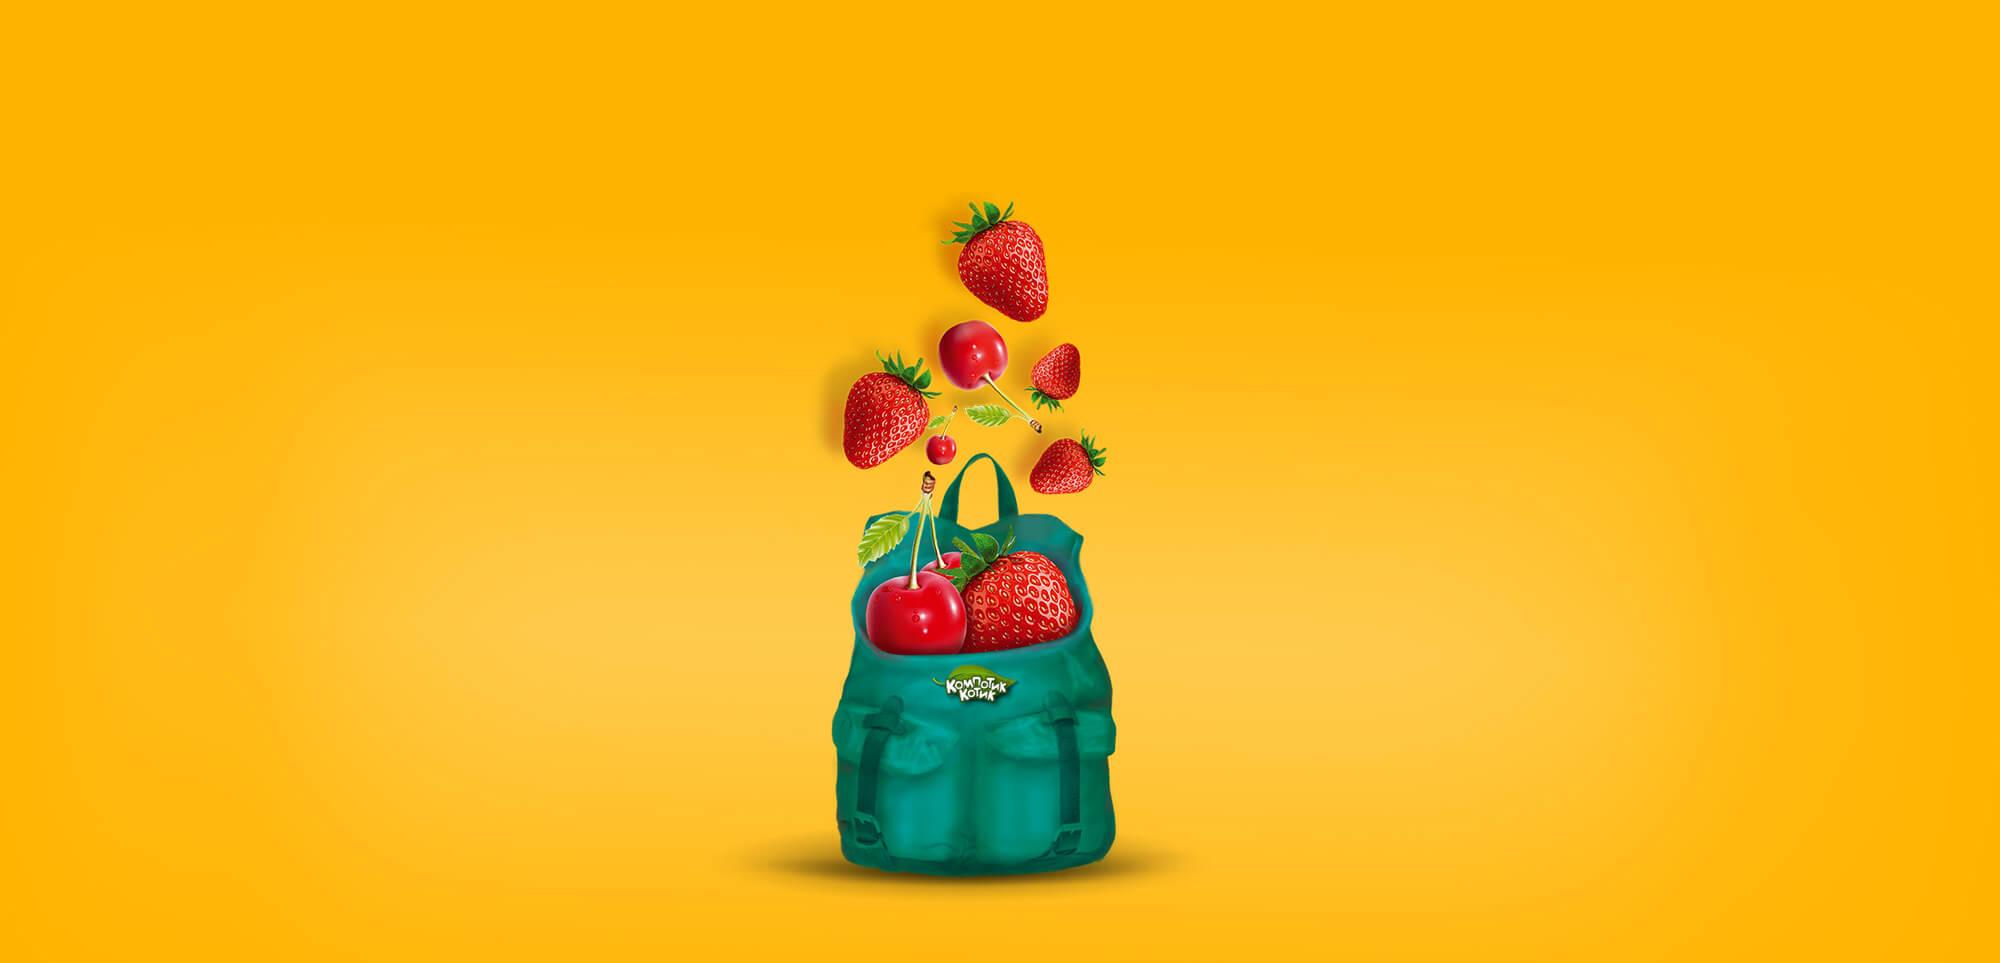 Иллюстрация рюкзака с ягодной композицией, разработанная для дизайна упаковки детского компота